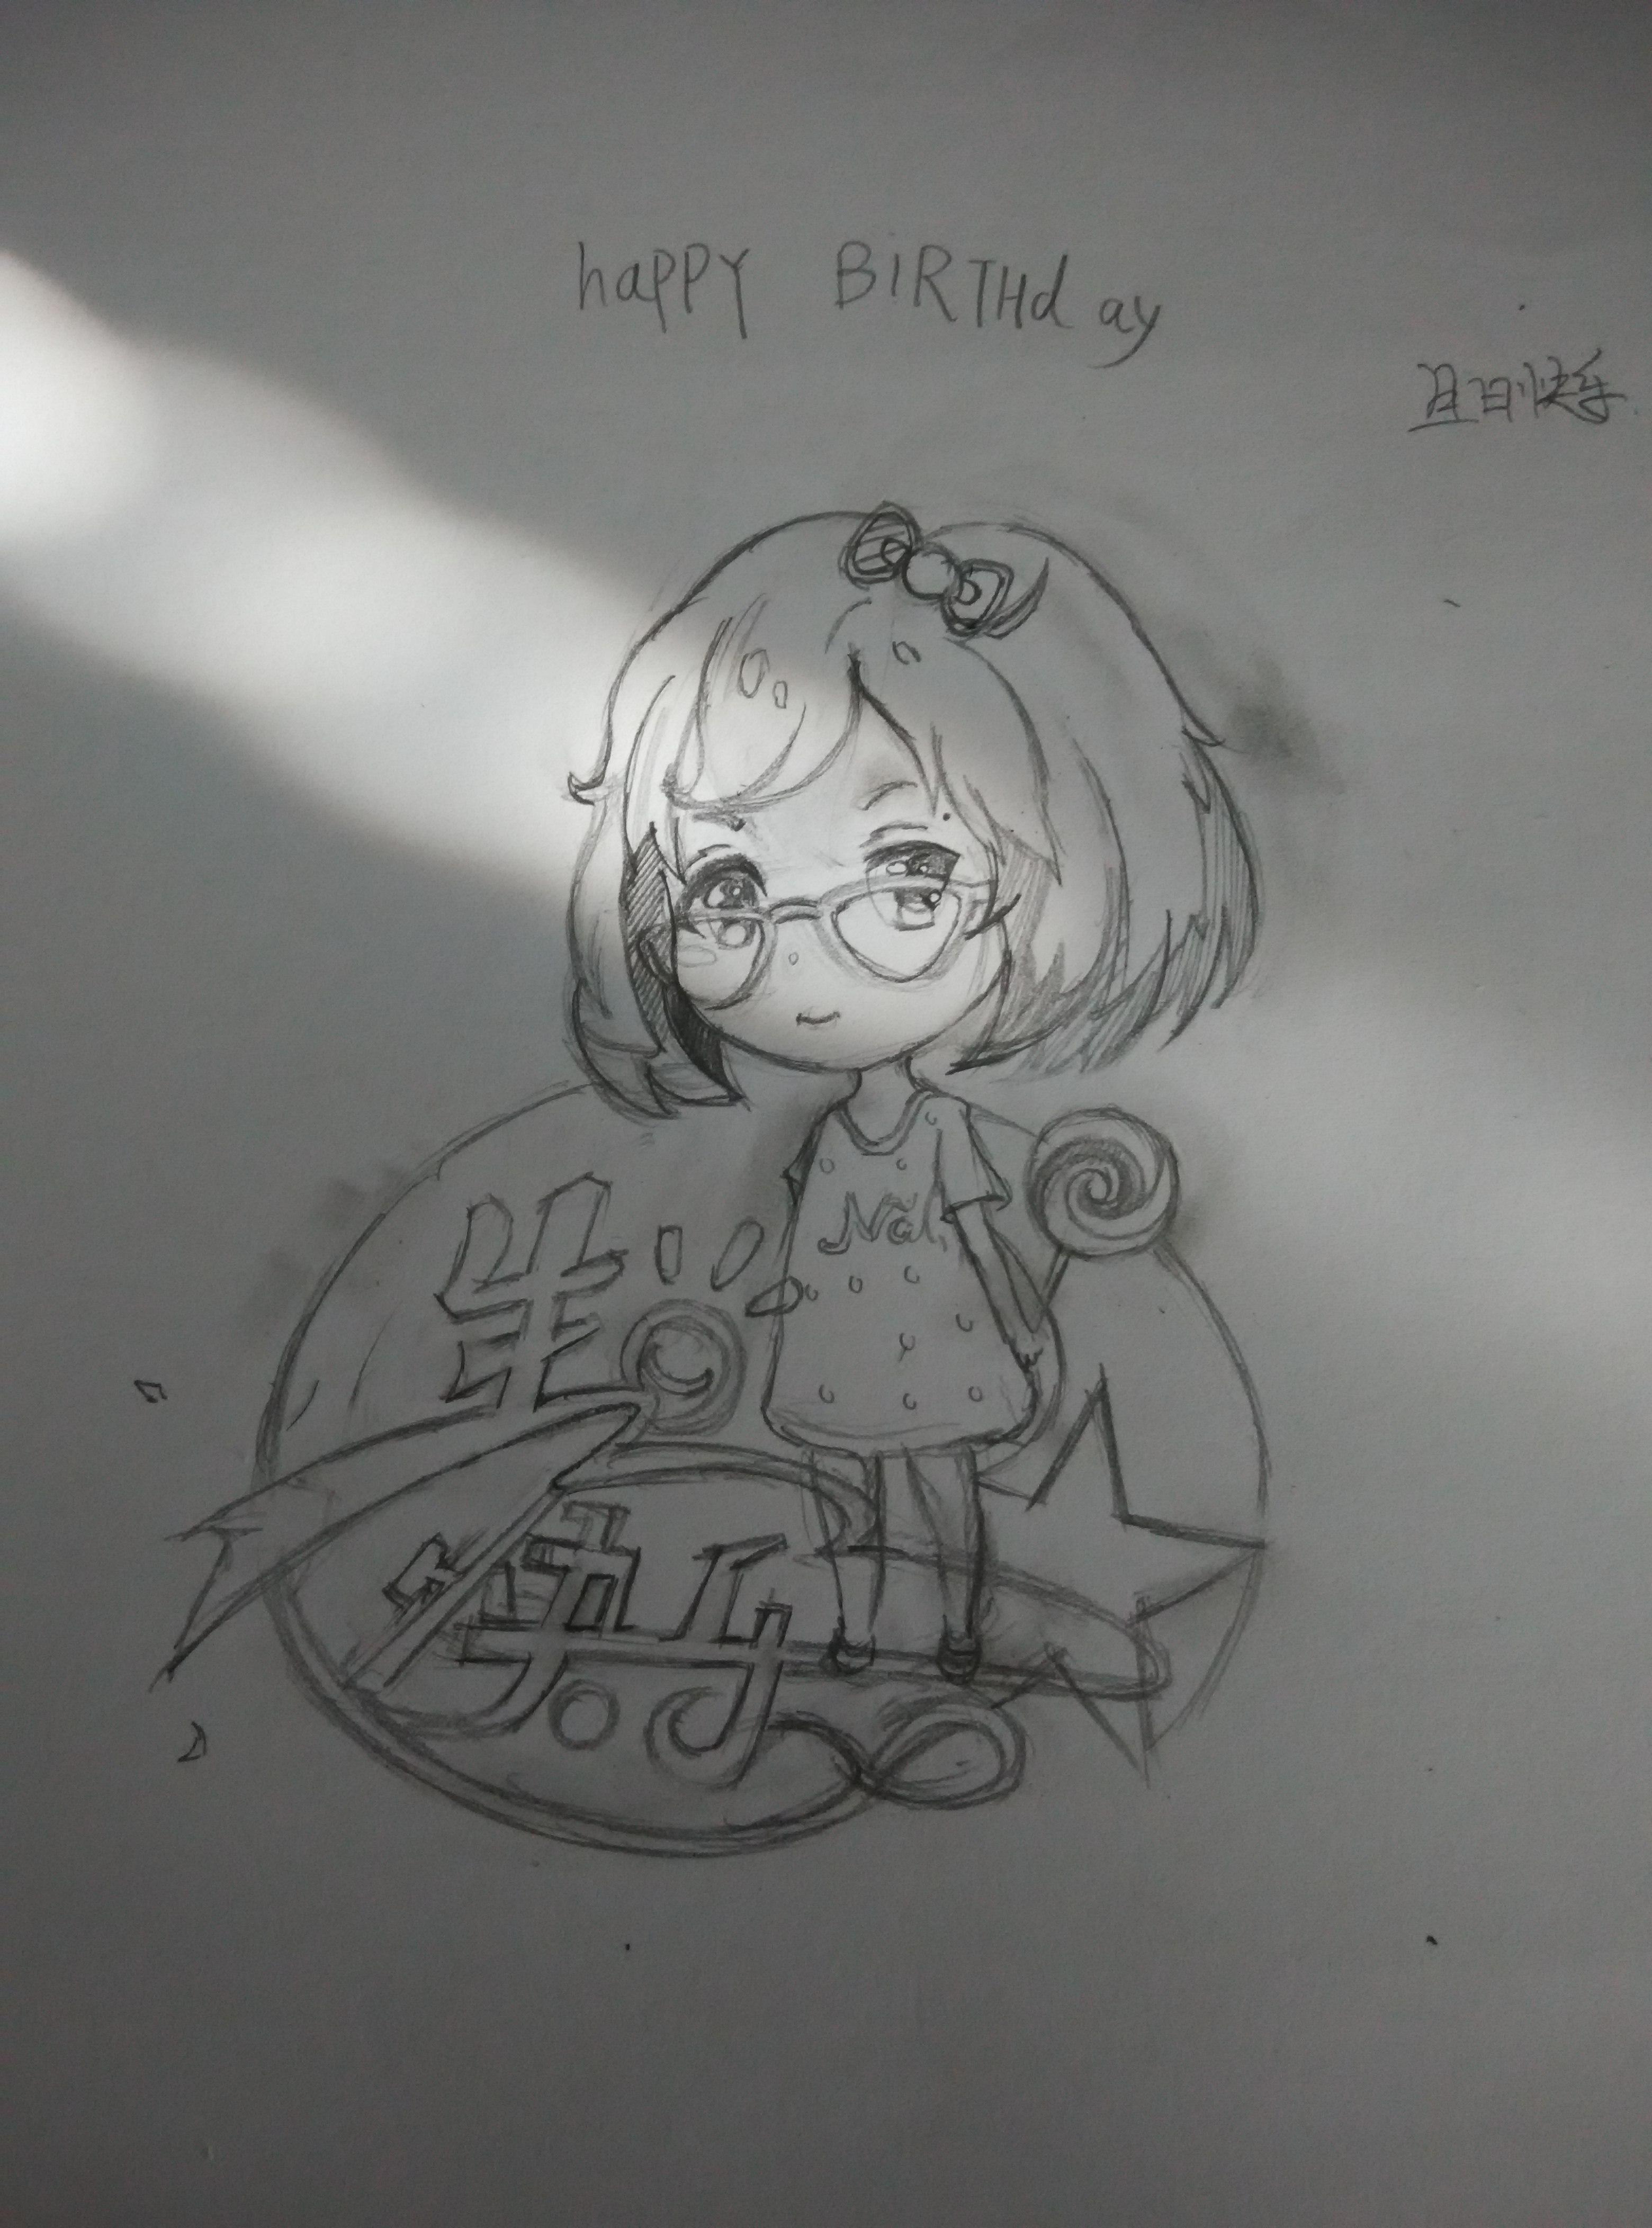 给公司姐姐画的生日快乐的插画,现在a4上手绘